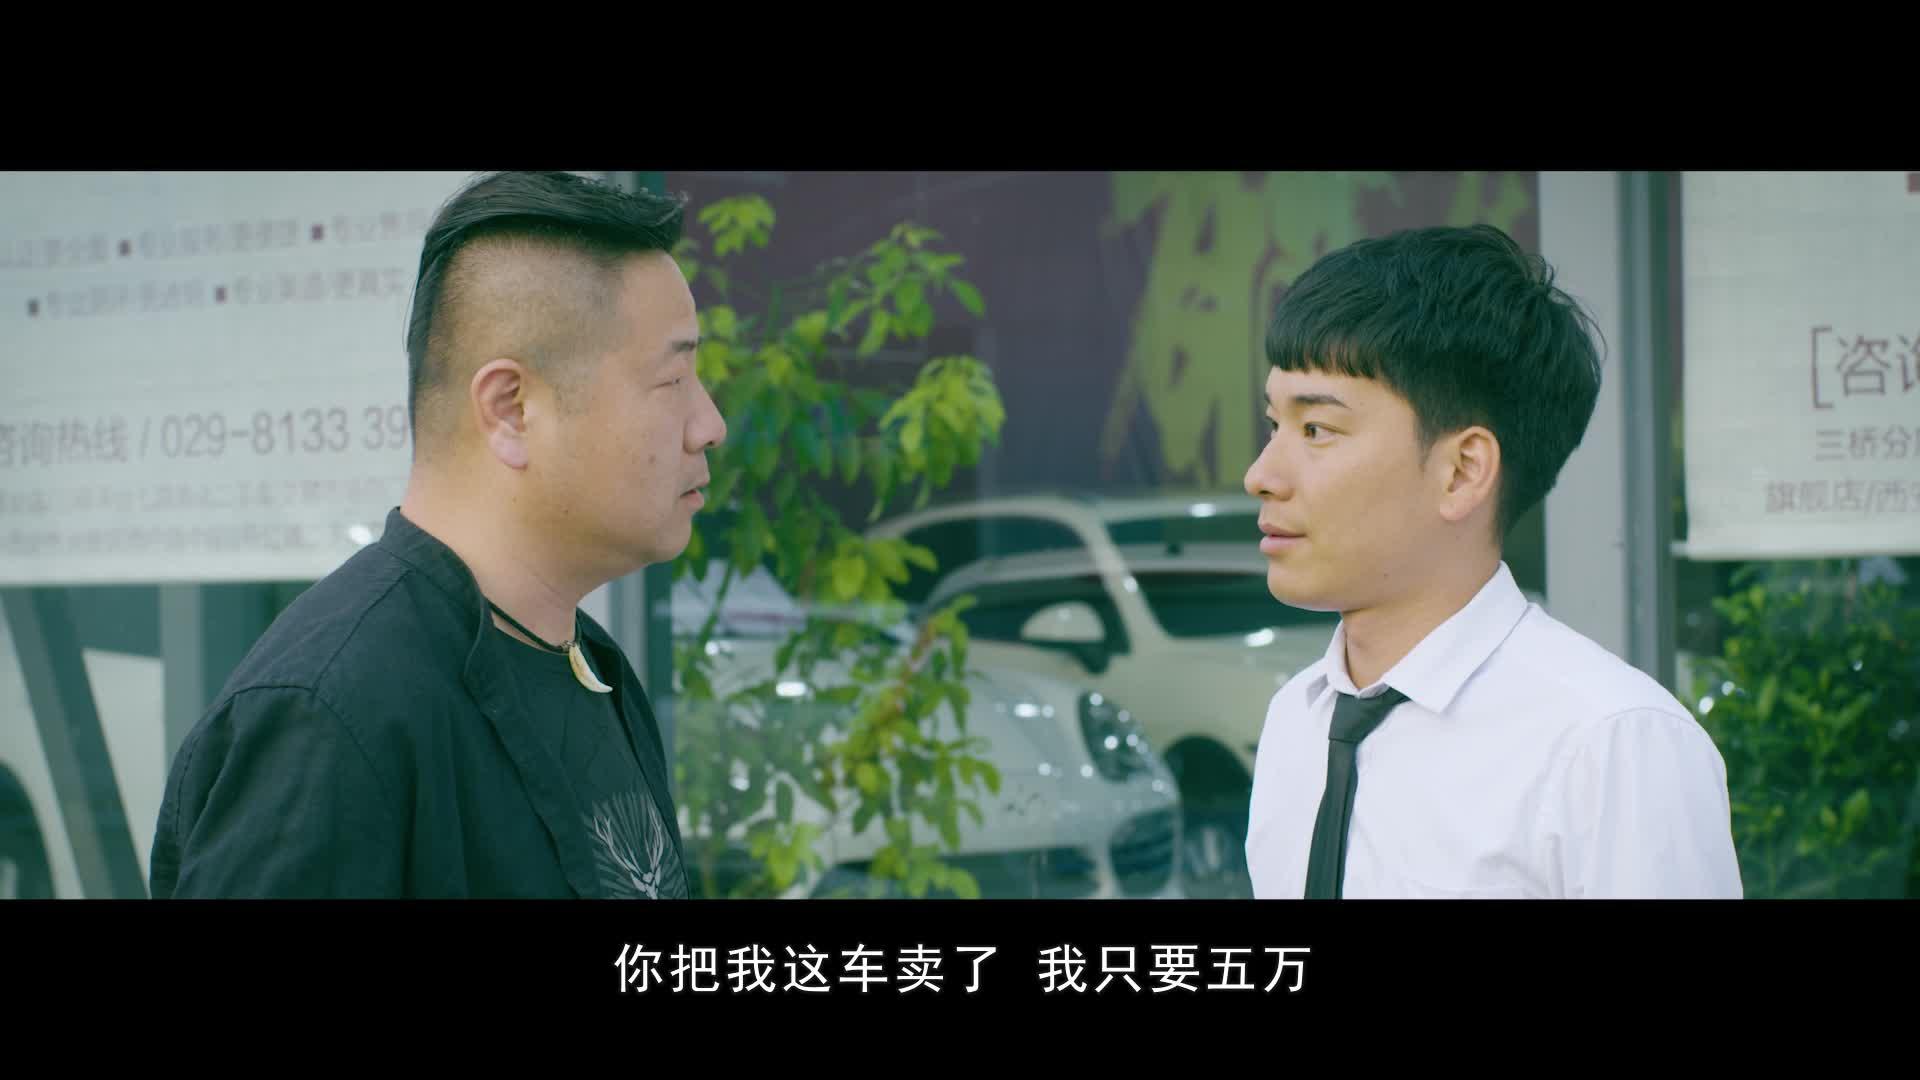 微电影《十字路口》预告片